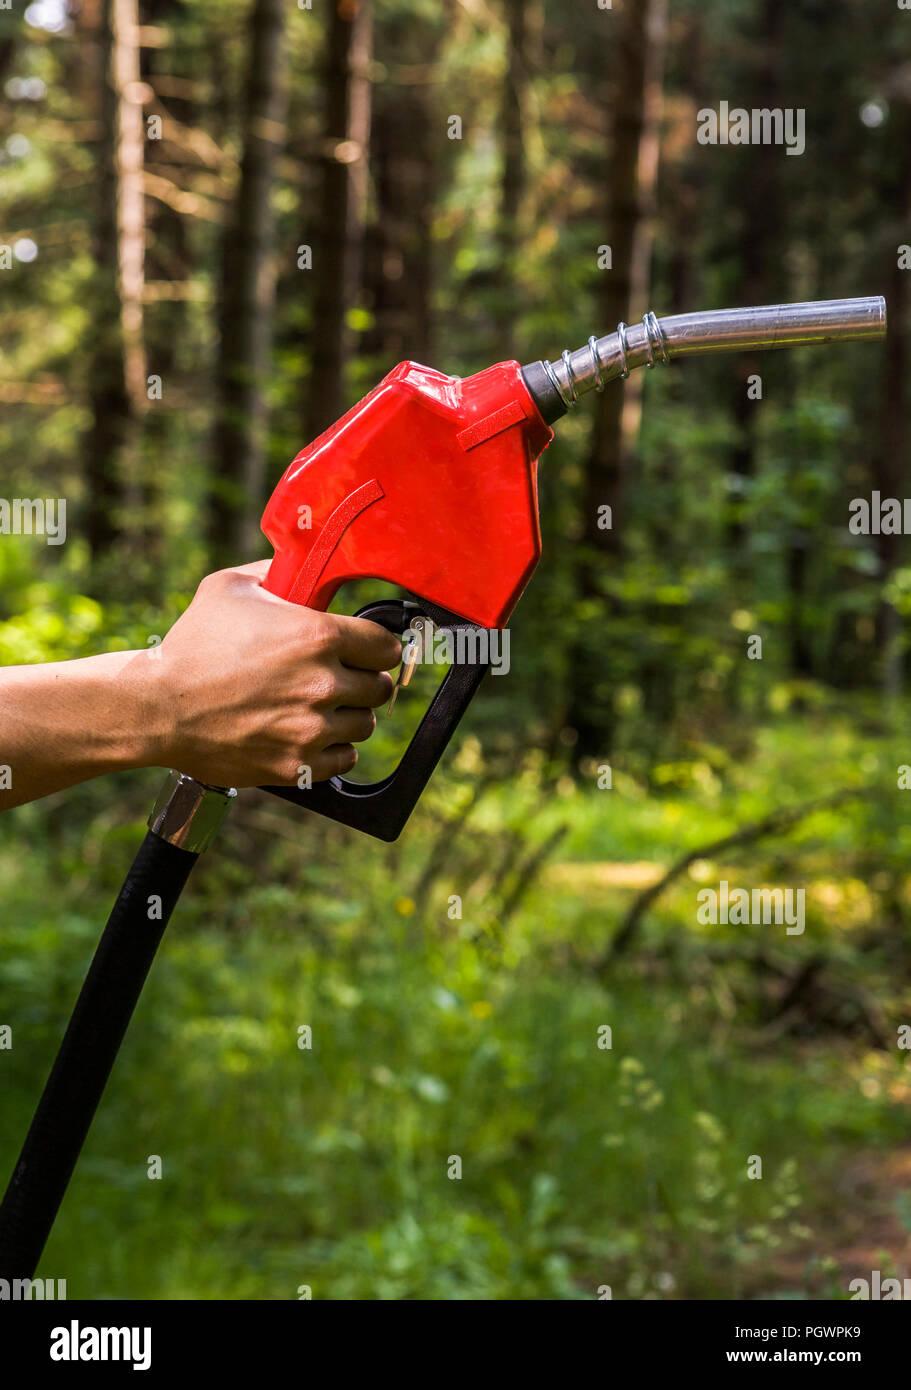 La mano di una persona in possesso di una pompa di benzina ugello in una foresta impostazione. Concetto, questioni ambientali attorno al petrolio. Immagini Stock